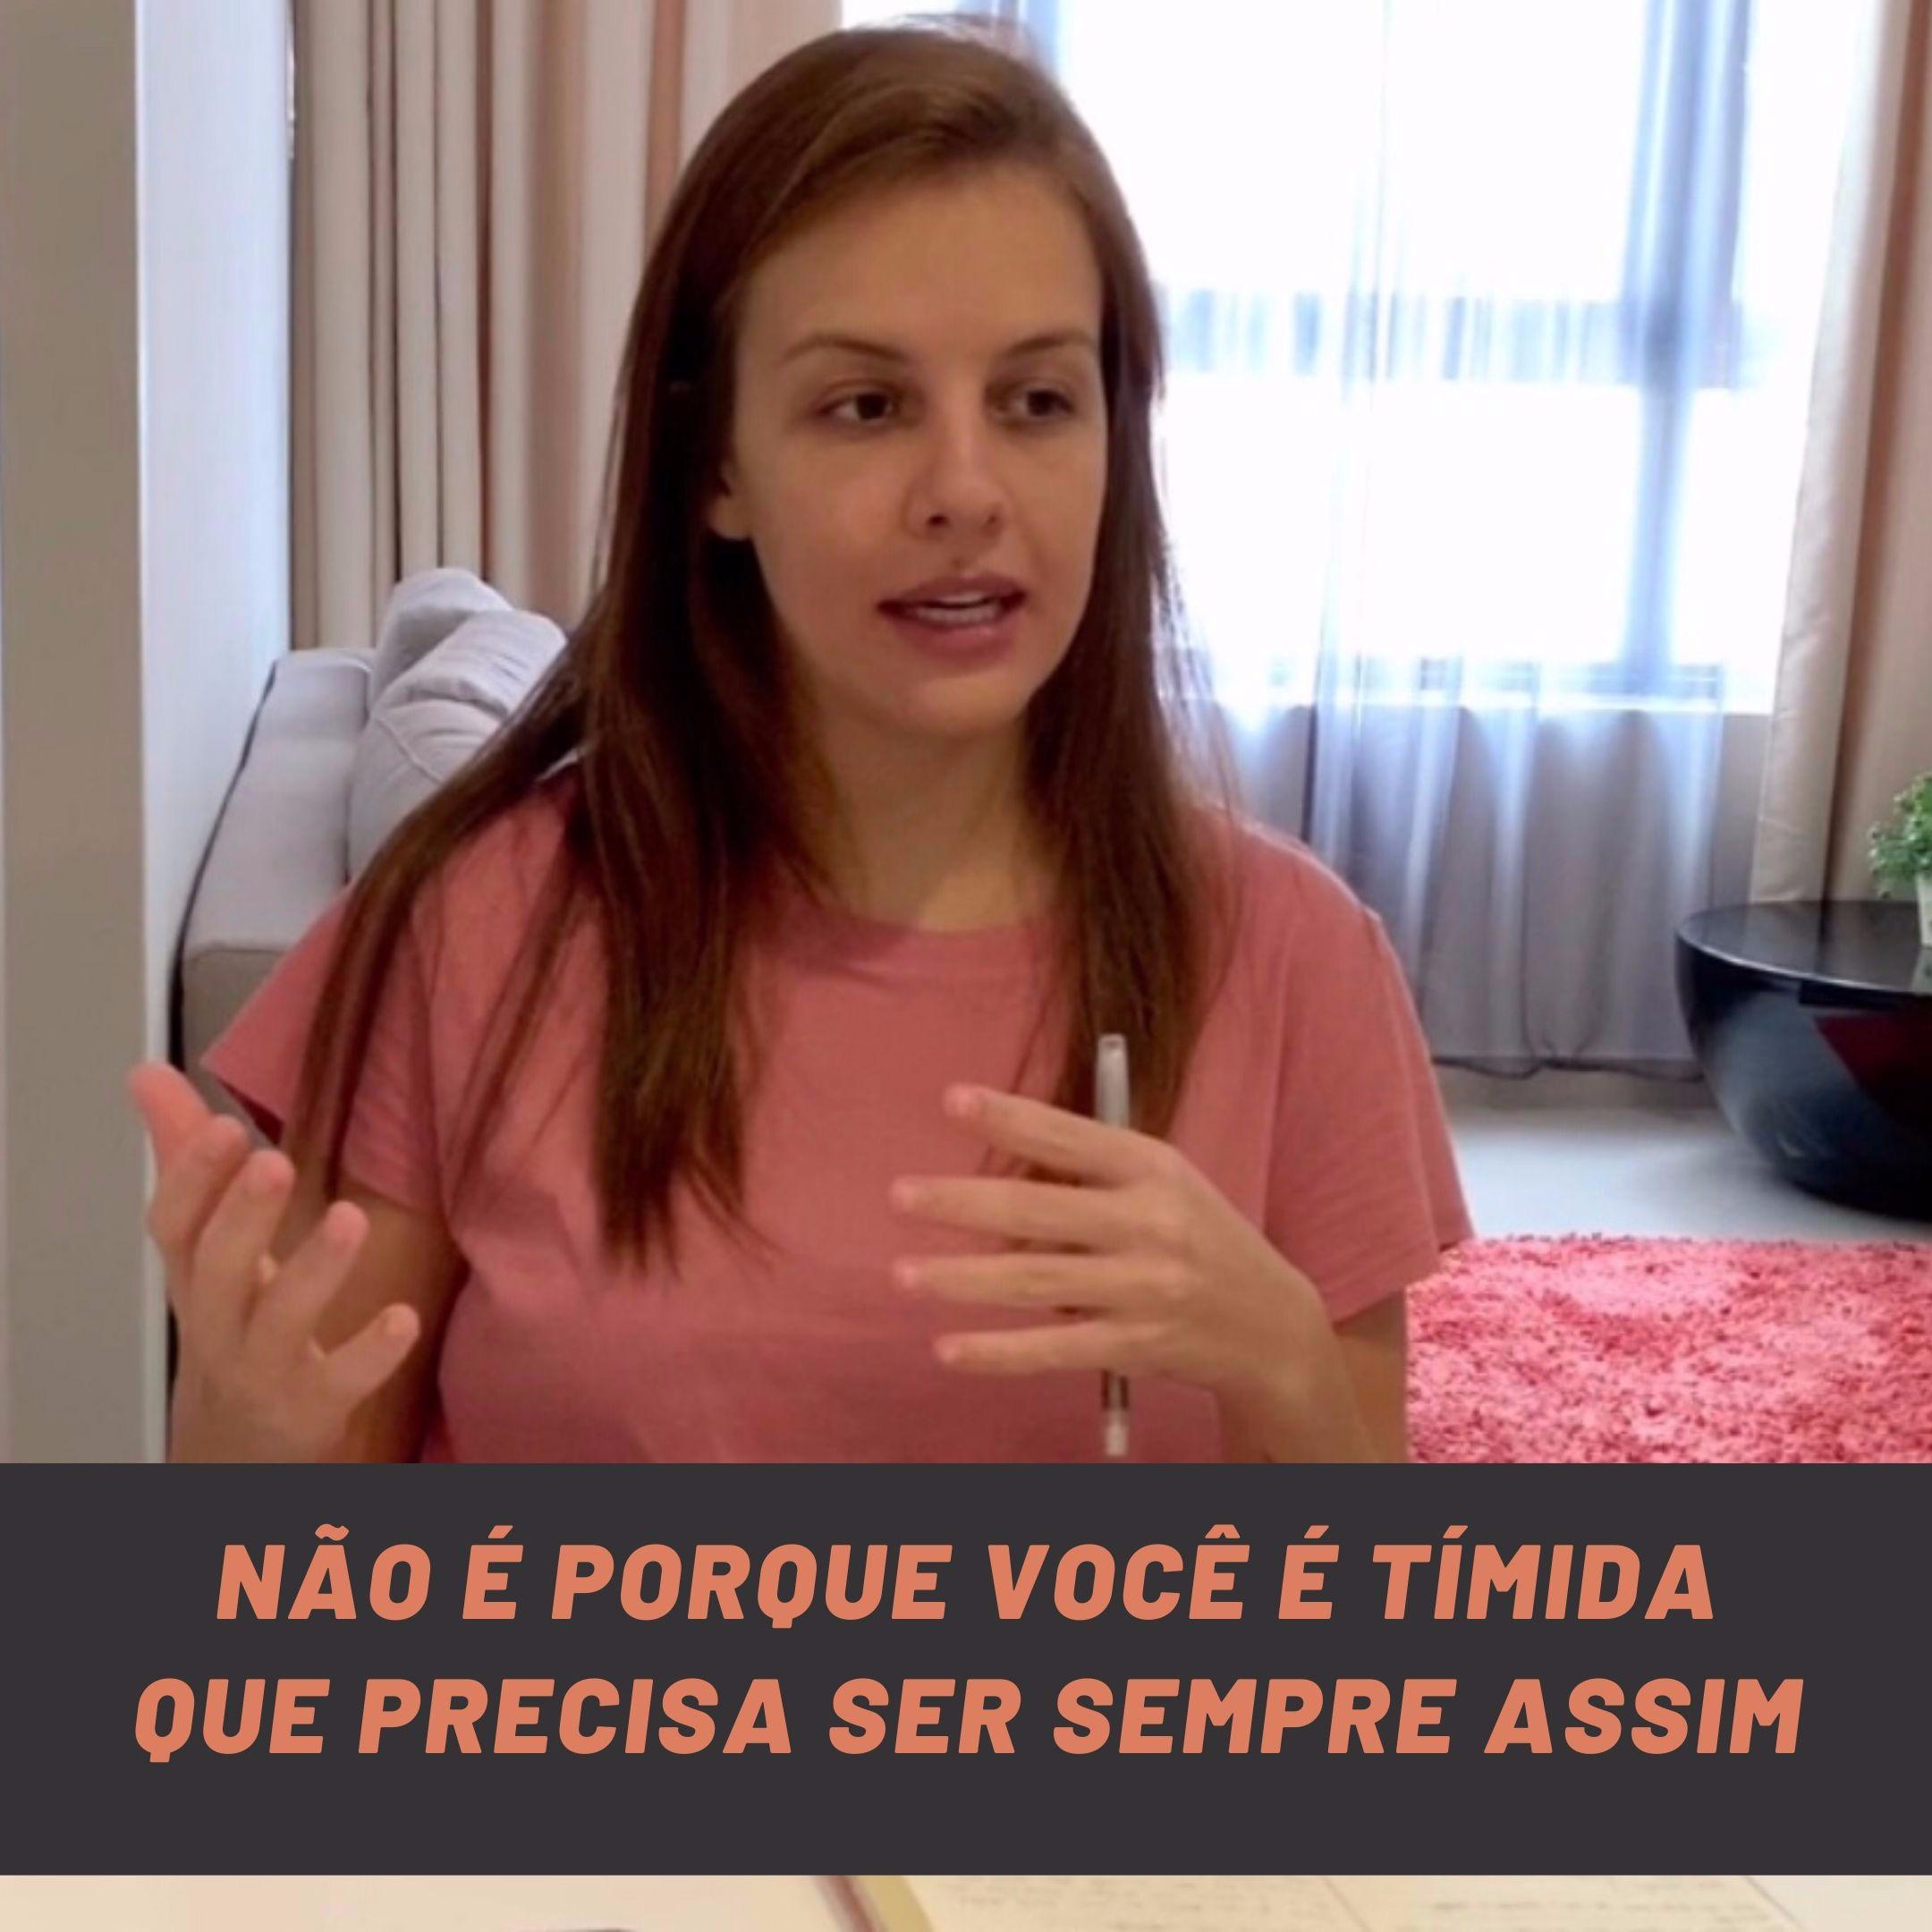 ENCARE ISSO DE MANEIRA DIVERTIDA, NÃO SE COBRE TANTO